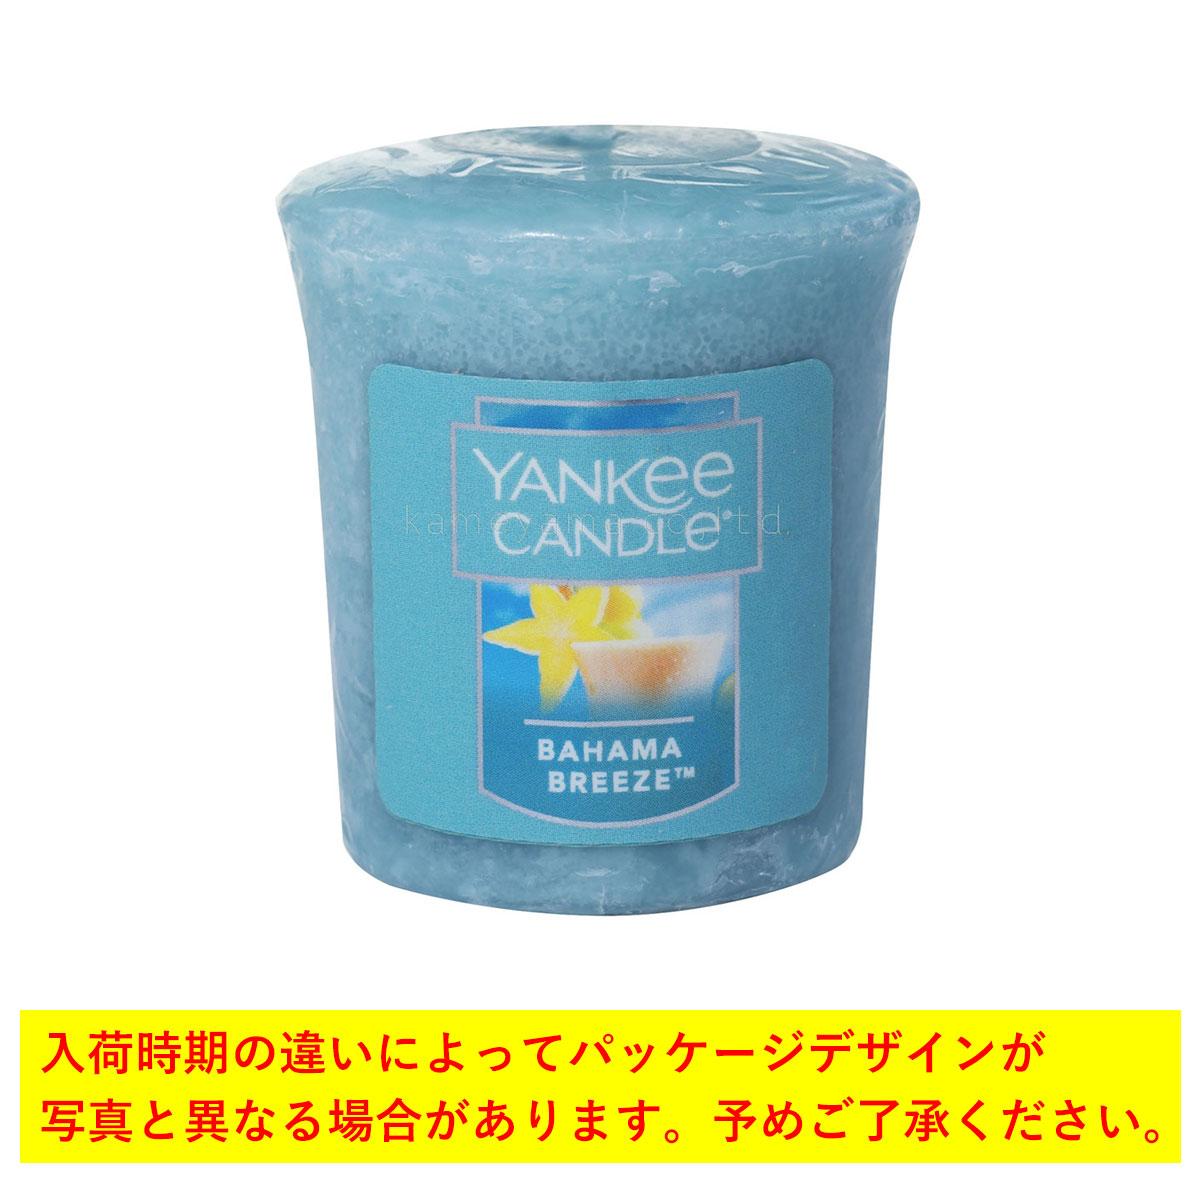 ヤンキーキャンドル YANKEE CANDLE 正規販売店 キャンドル YCサンプラー バハマブリーズ (K00105146) A49B B3C C3D D0E E00F